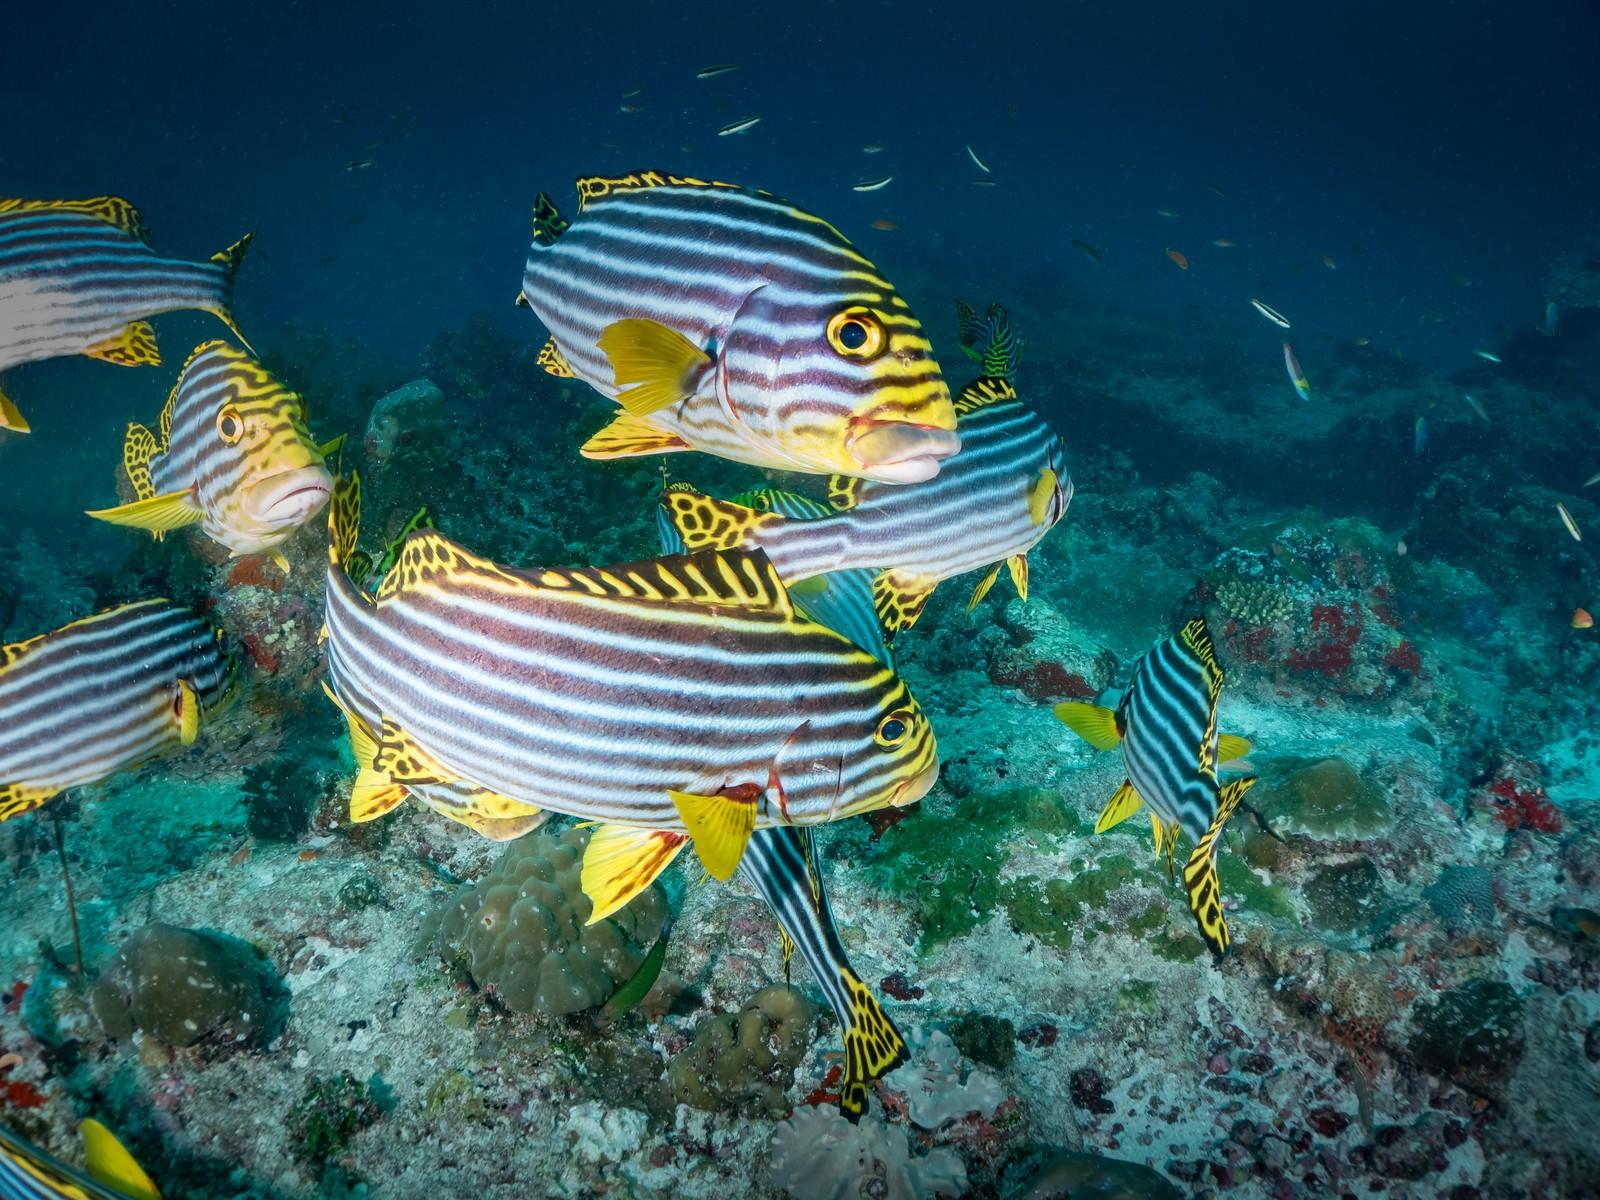 「海中を泳ぐムスジコショウダイのアップ海中を泳ぐムスジコショウダイのアップ」のフリー写真素材を拡大